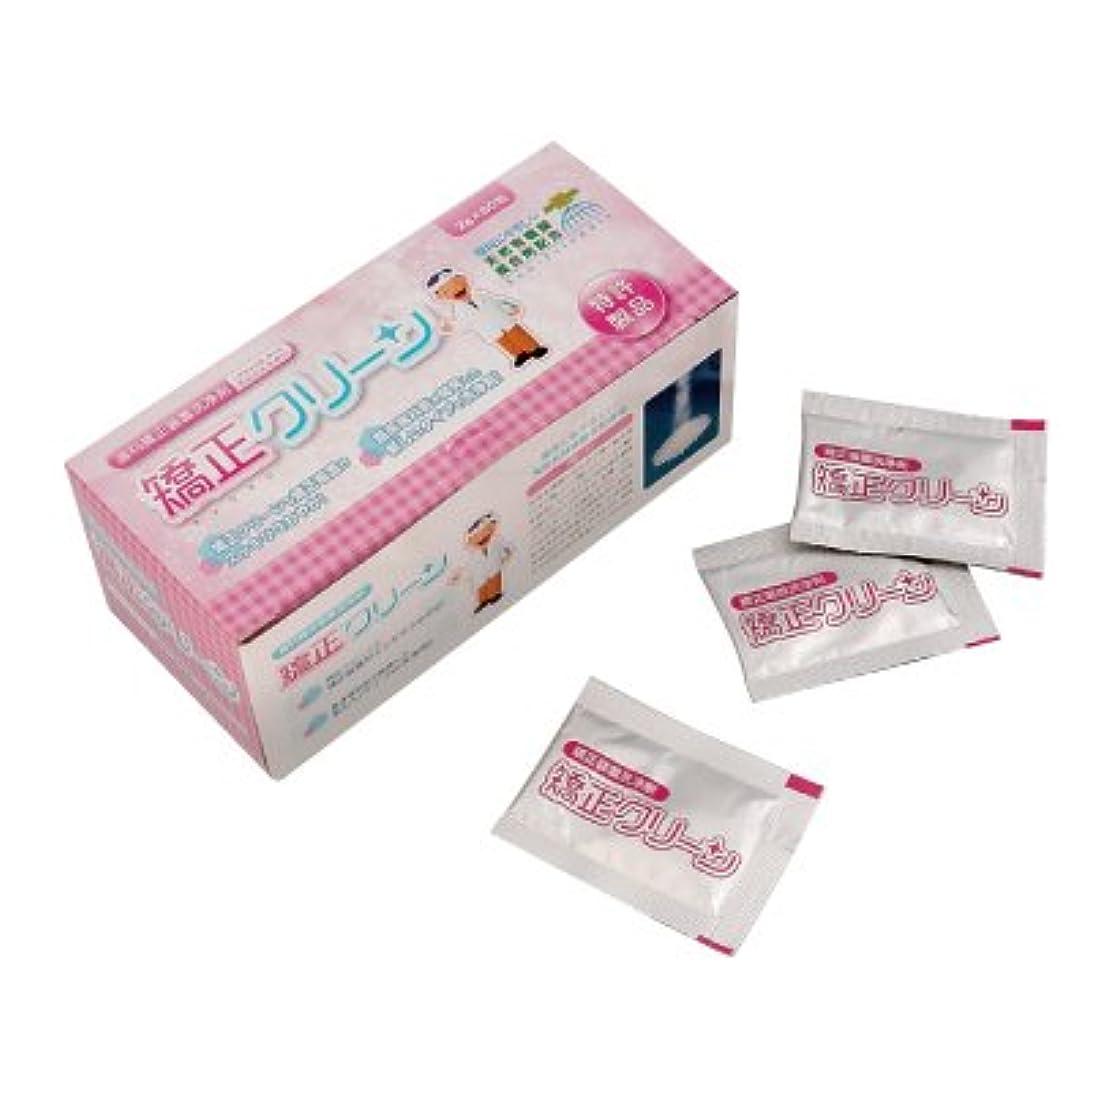 運営公然と受け継ぐ矯正クリーン 1箱(2g×60包入り) 歯科矯正装置用洗浄剤